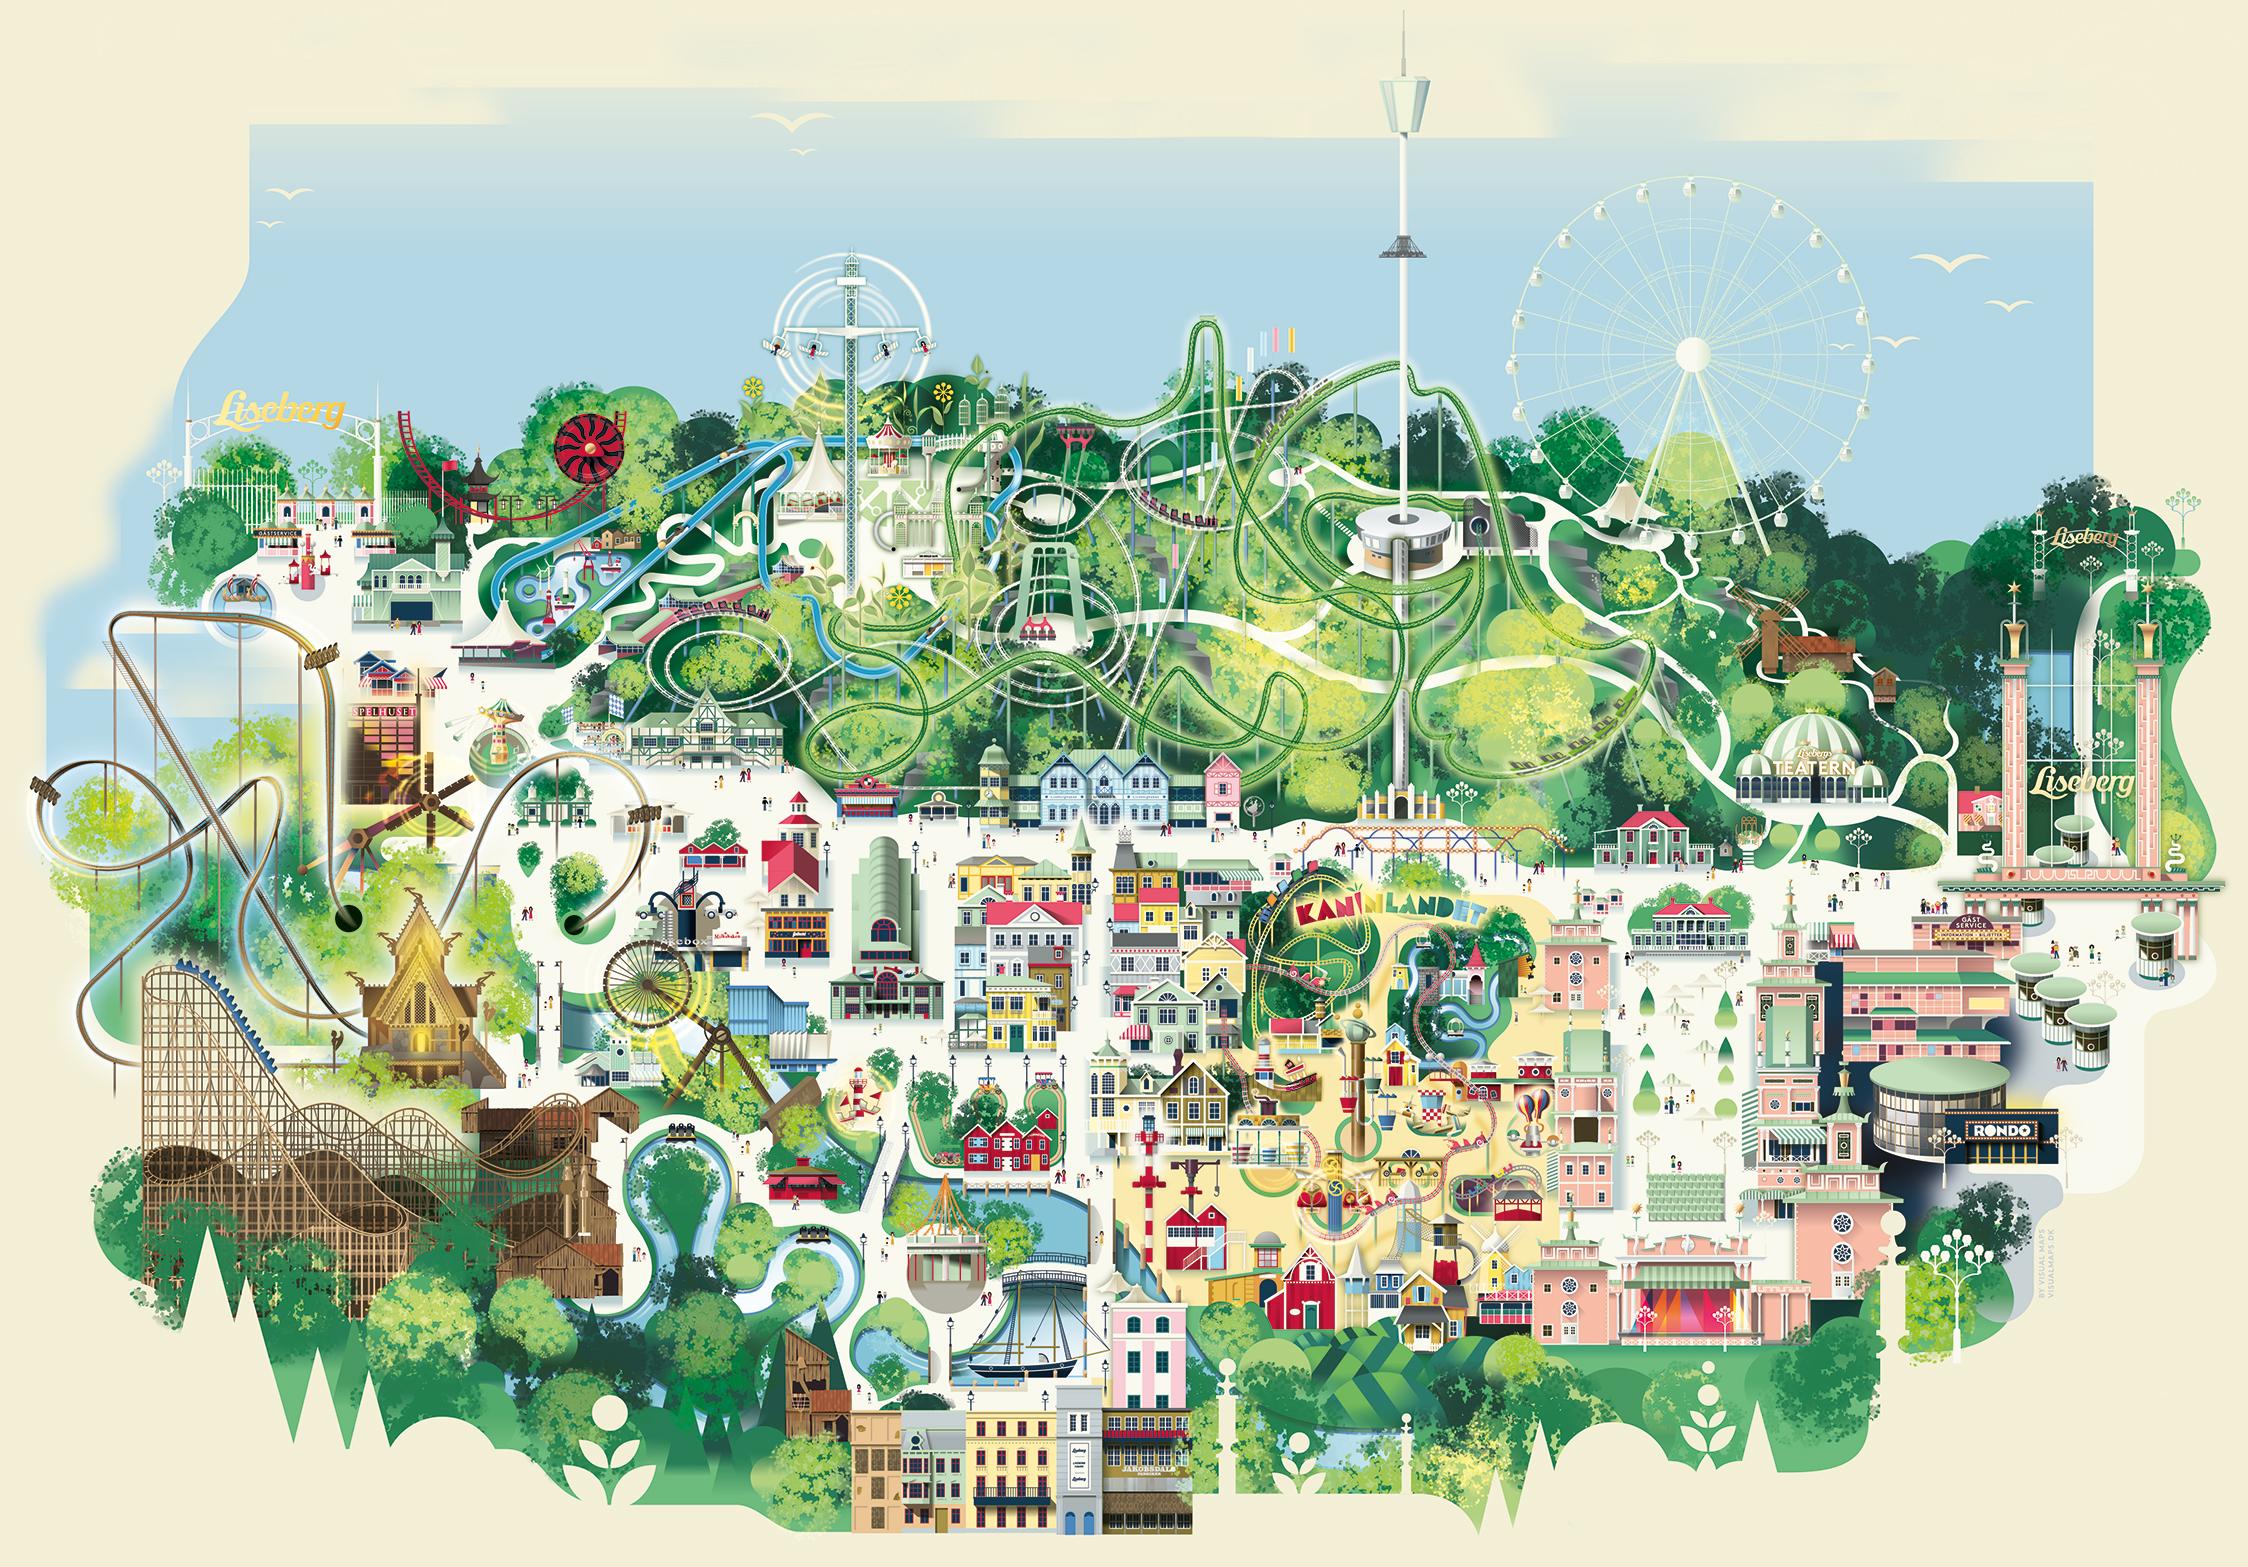 kart danmark attraksjoner Park map | Liseberg kart danmark attraksjoner